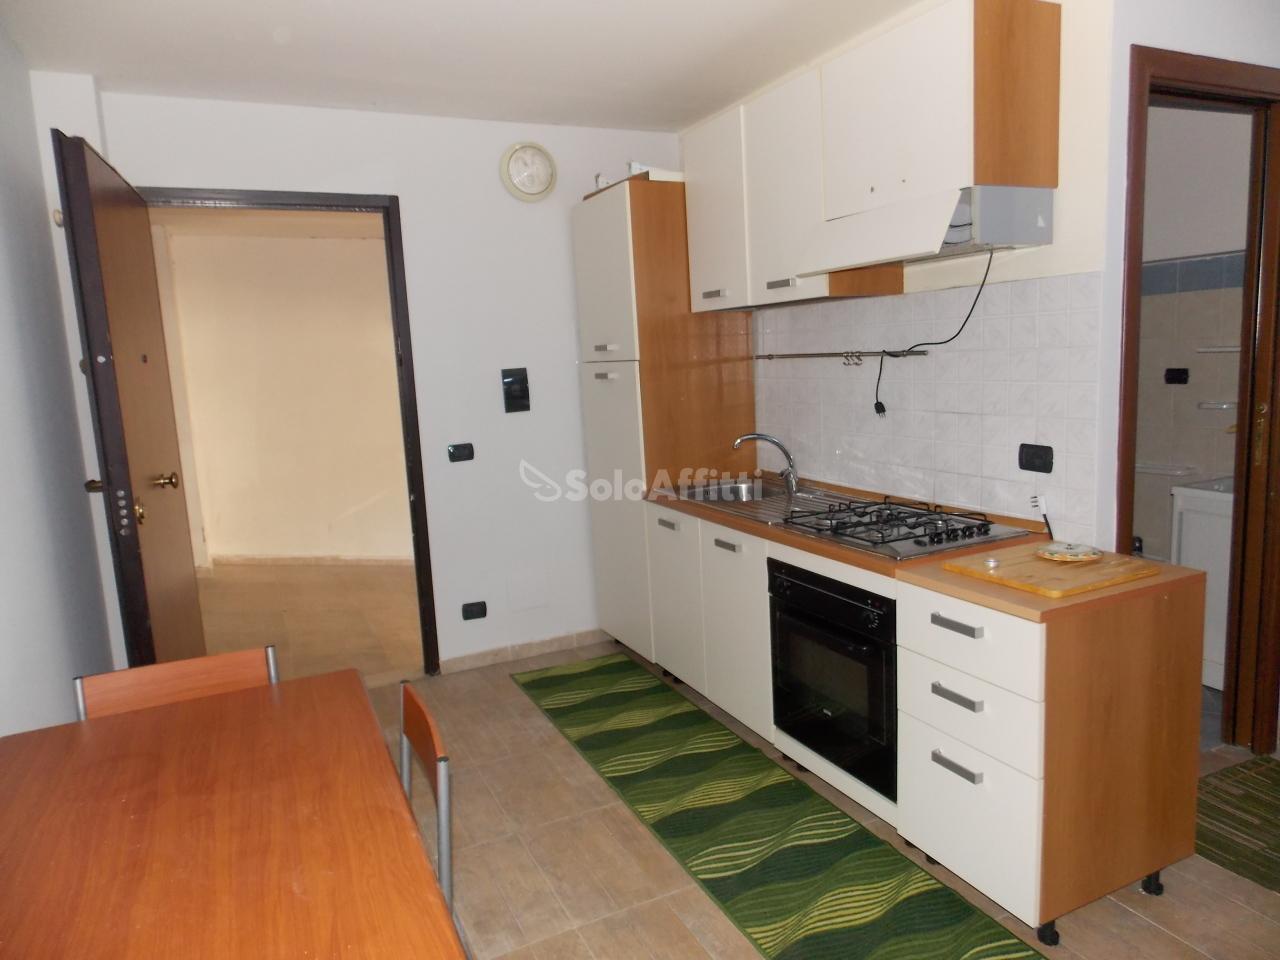 Monolocale in affitto - 20 mq